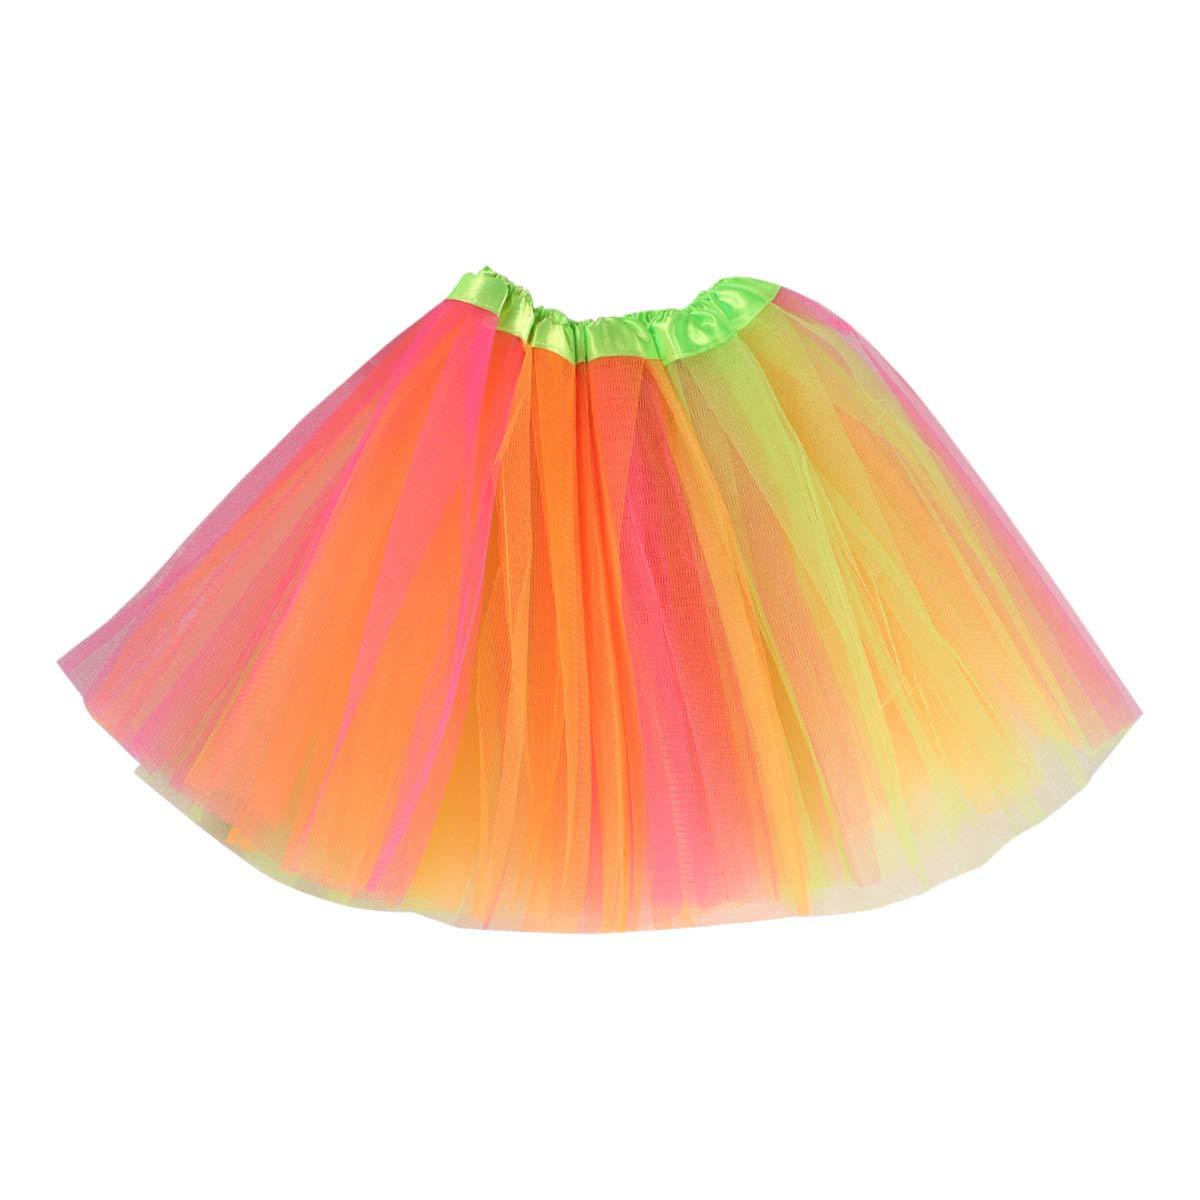 VORCOOL Bébé Filles Tutu Rainbow Impression Jupes Gaze Fluffy Pettiskirts Filles Princesse Danse Robe De Soirée Tulle Jupes (pour 100cm-140cm Enfants Fluorescent Vert